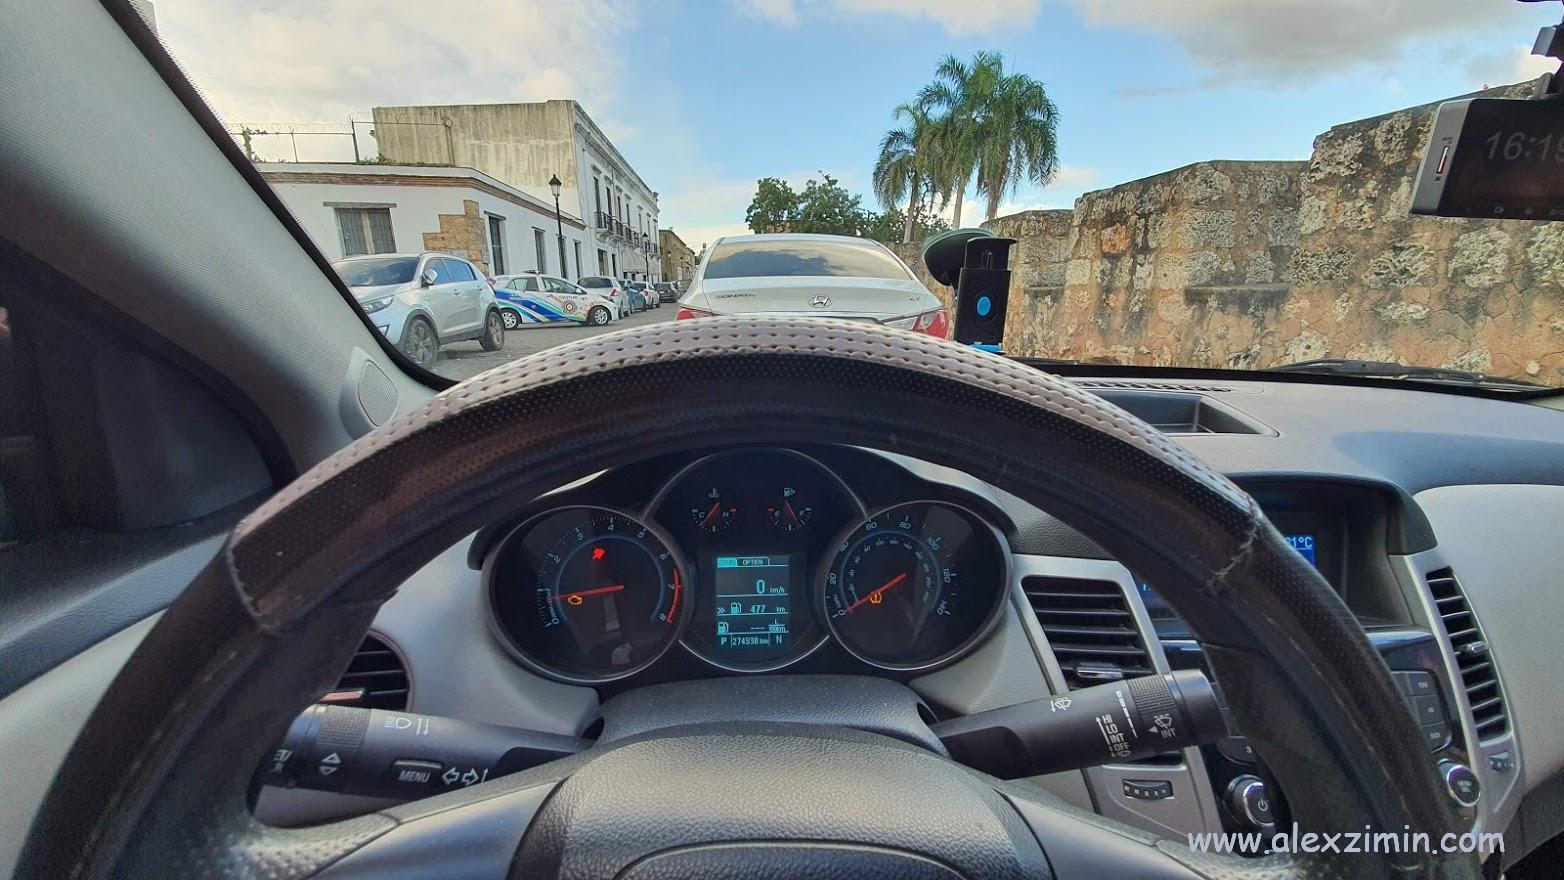 Страховки при аренде авто в Доминикане